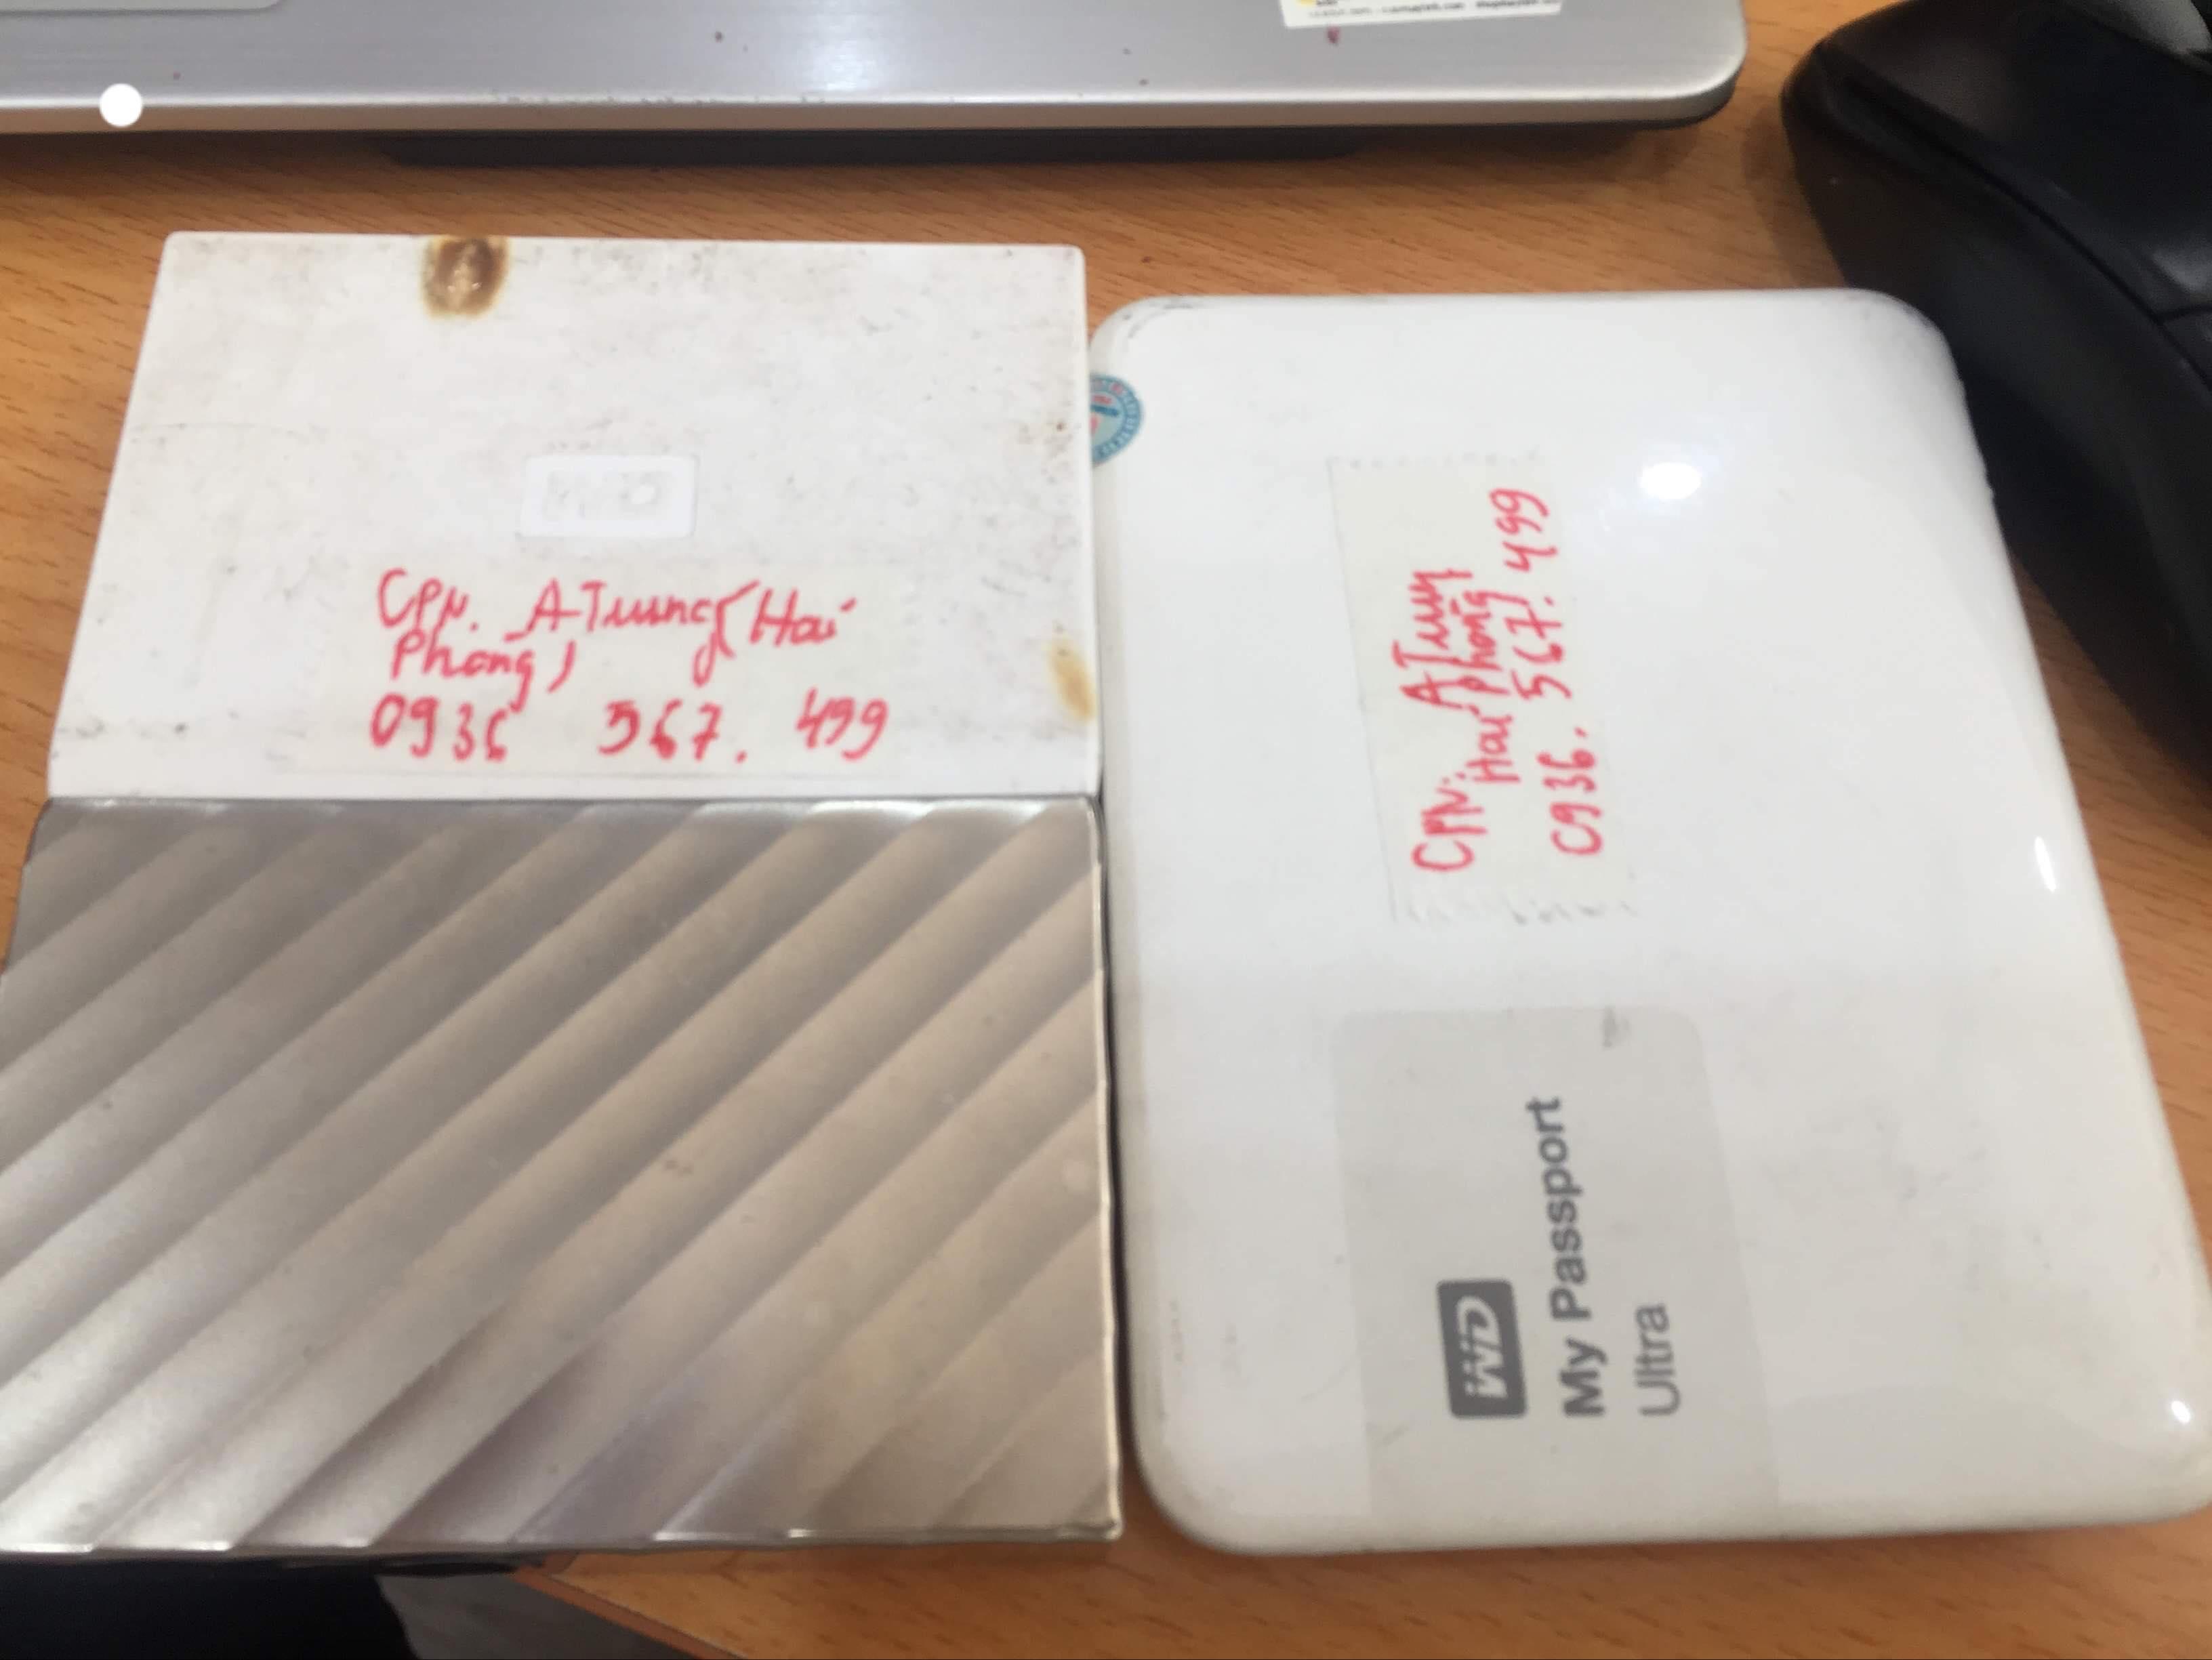 Phục hồi dữ liệu ổ cứng Western 1TB lỗi cơ tại Hải Phòng 27/04/2019 - cuumaytinh